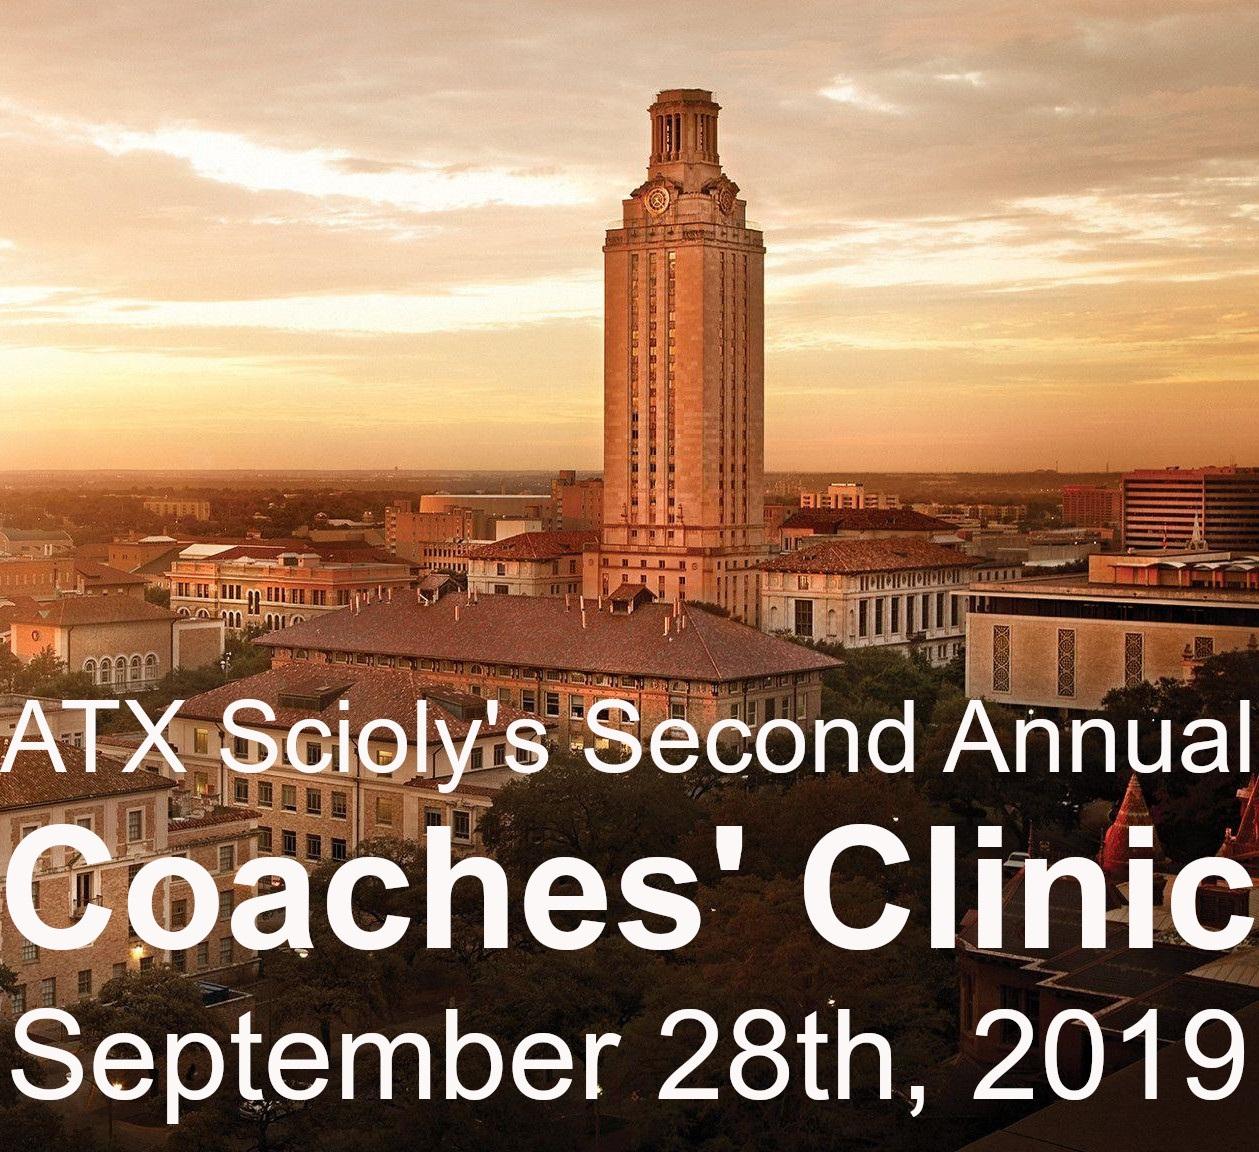 Coaches Clinic Pic.jpg